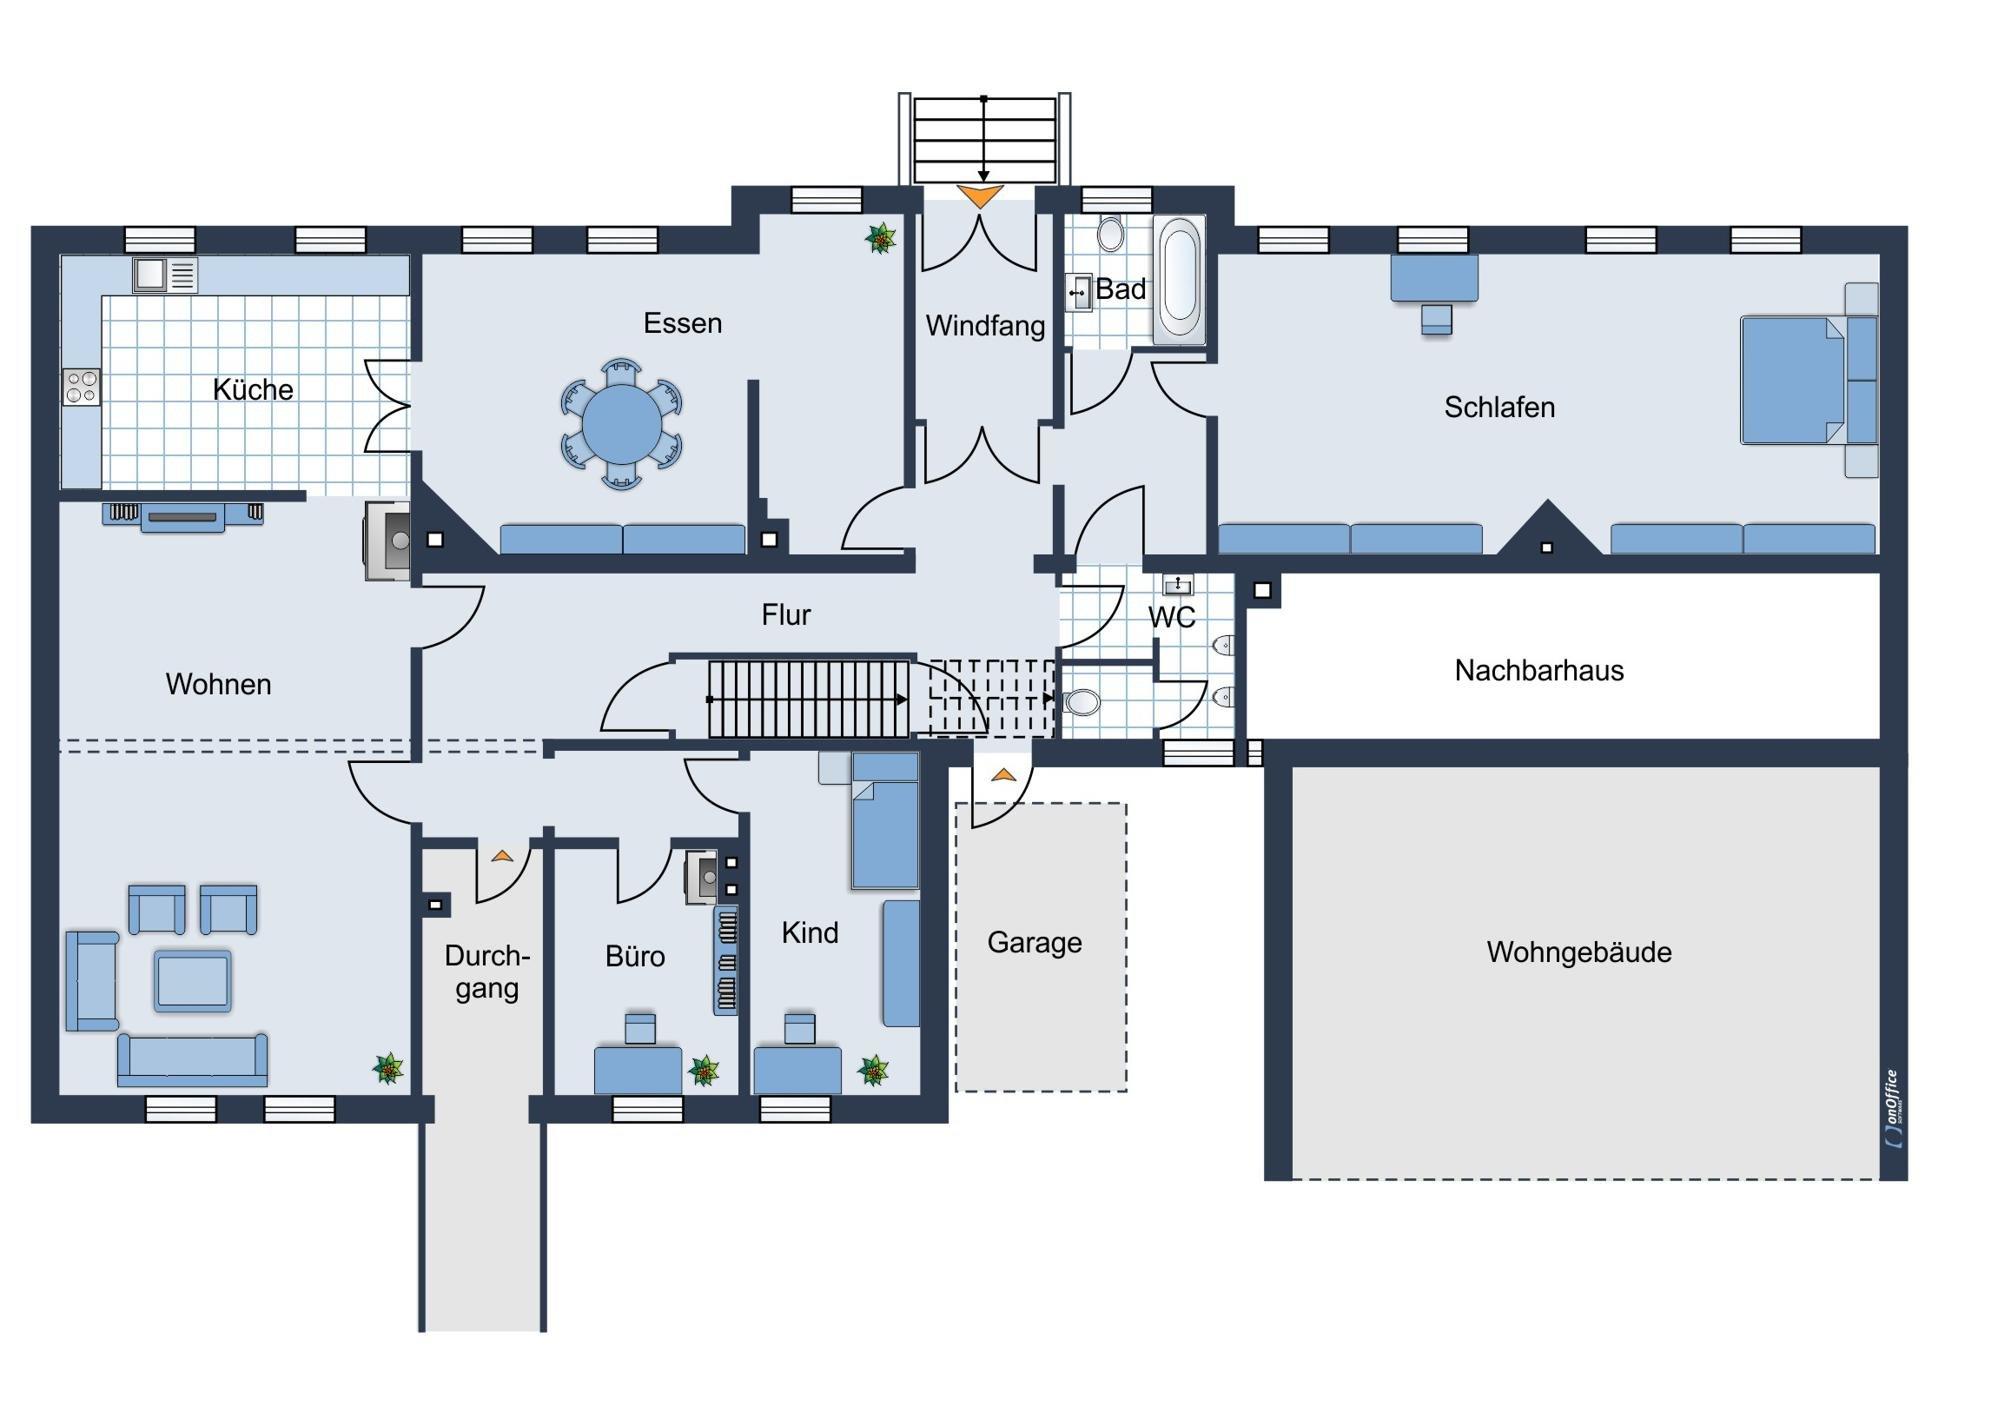 Erdgeschoss - Vorschlag